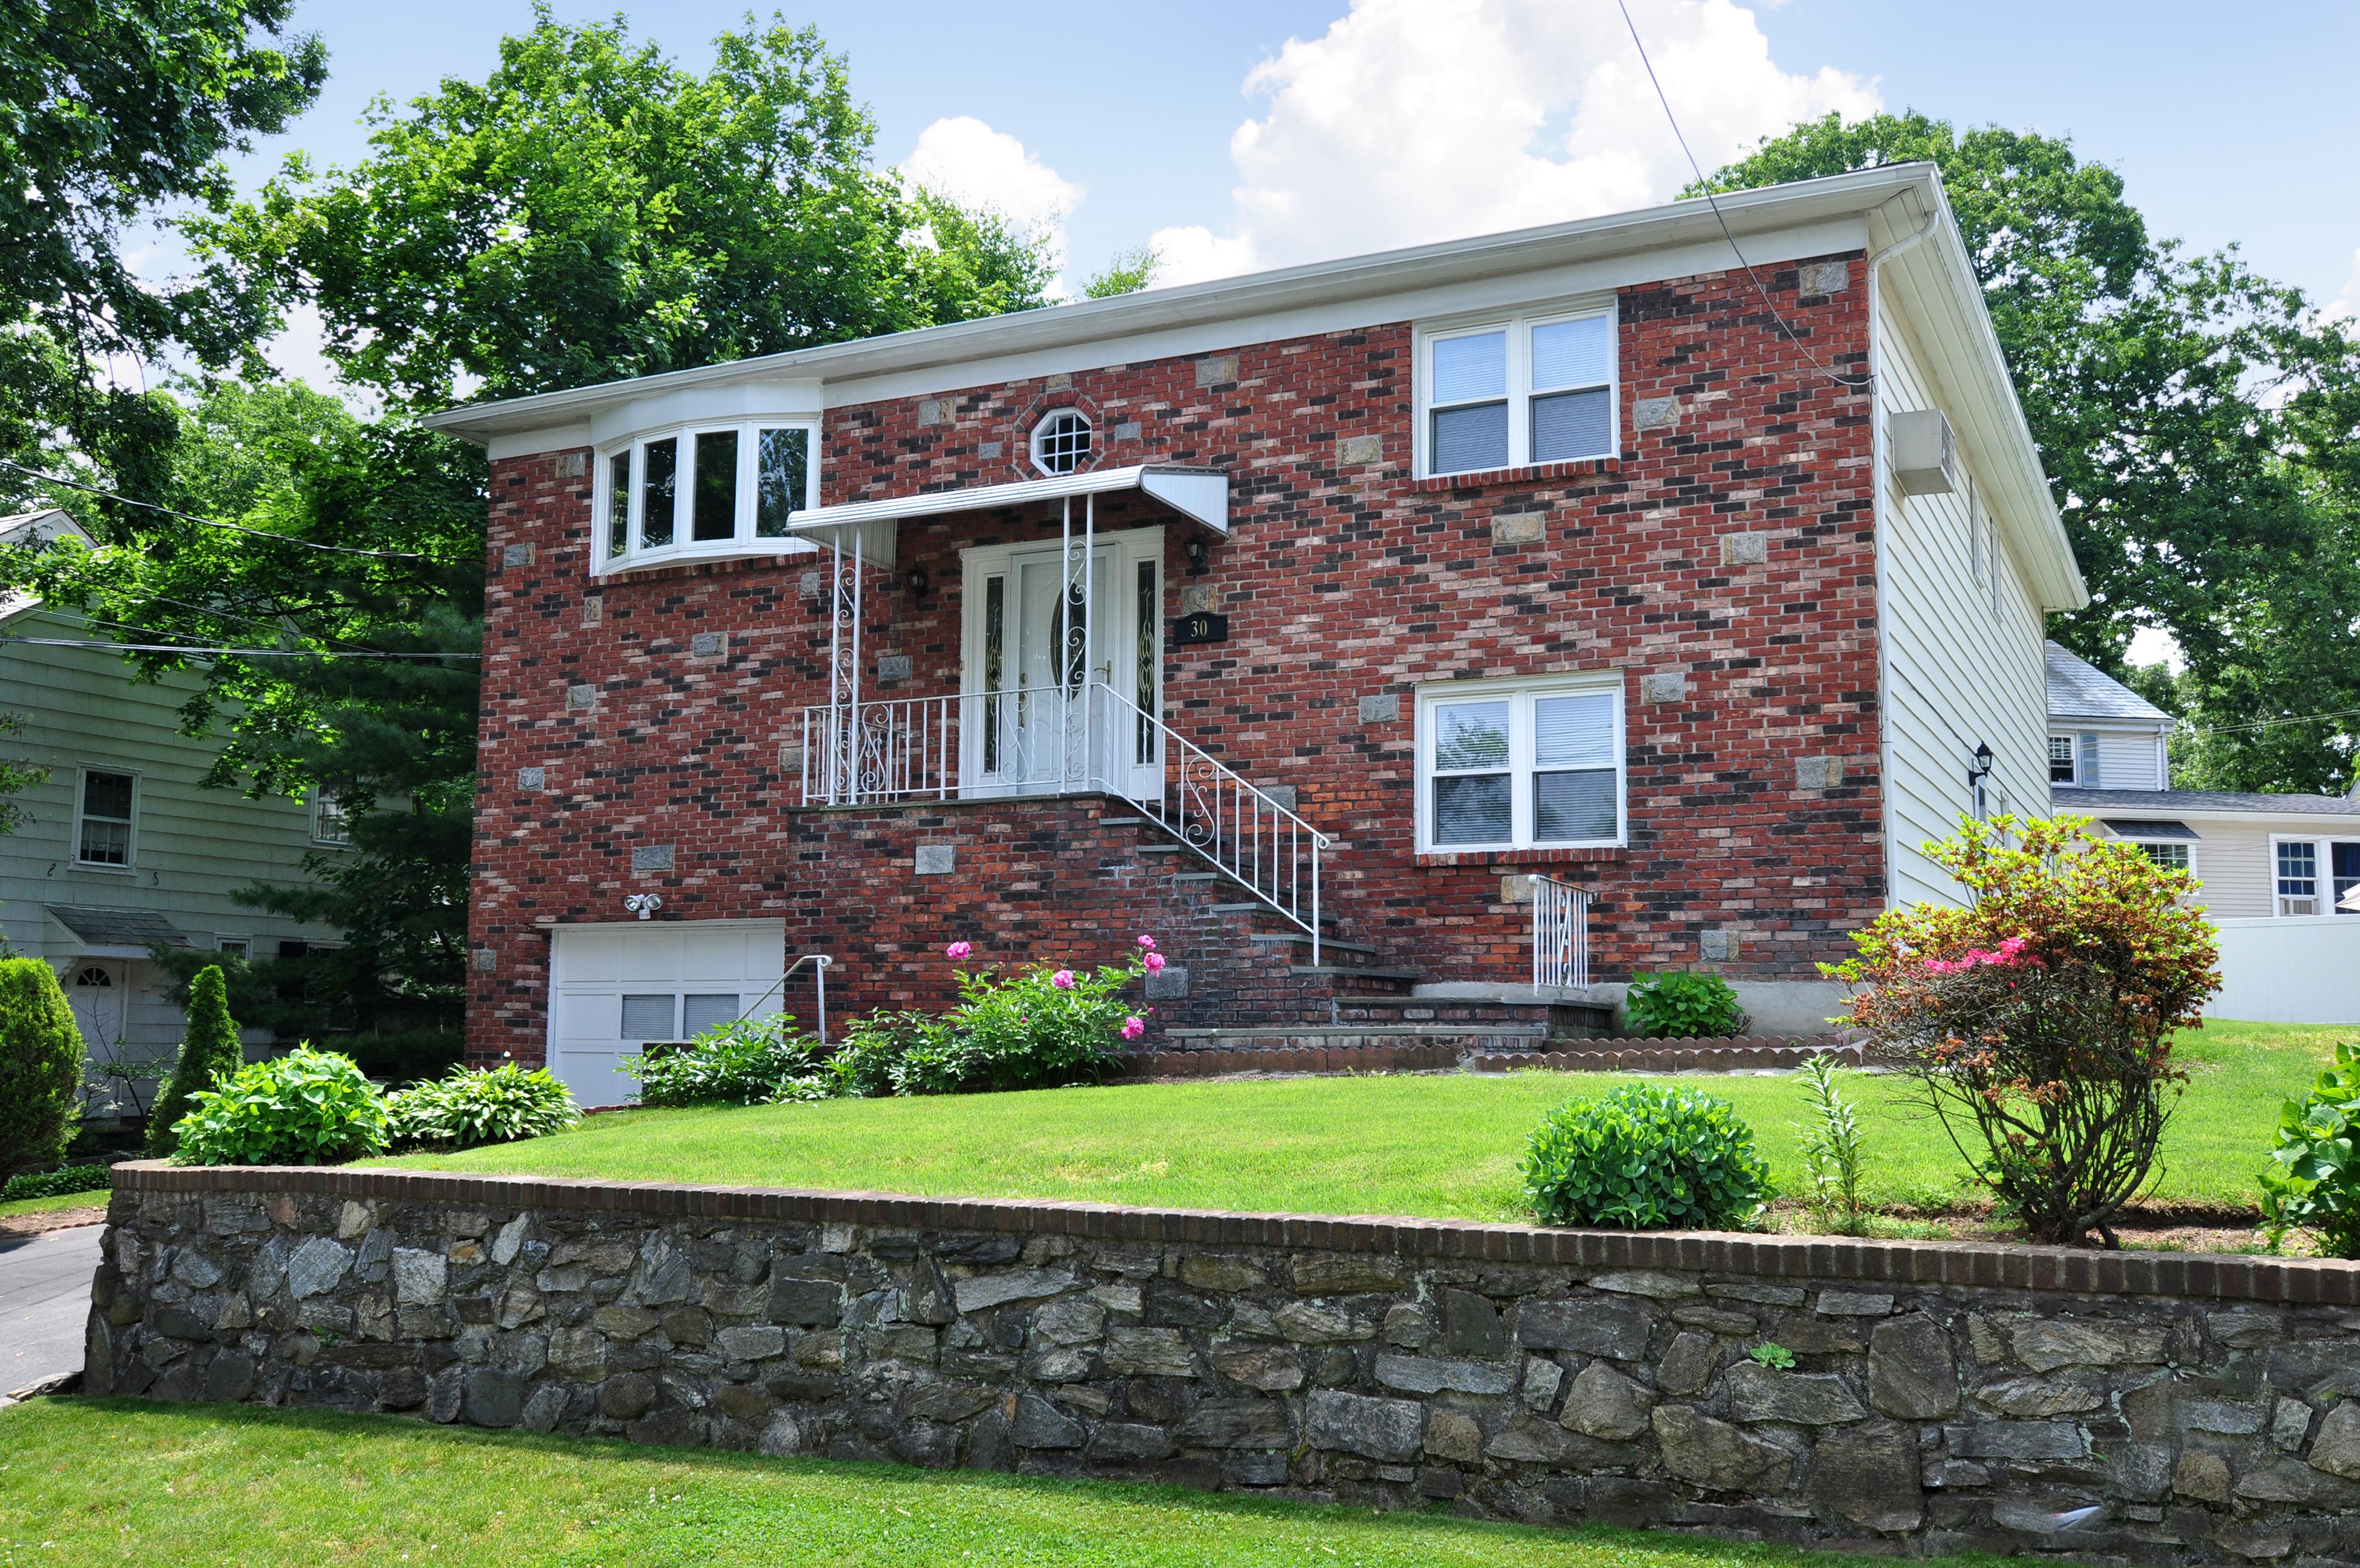 Einfamilienhaus für Verkauf beim Meticulous Bryn Mawr Home 30 Cecil Crest Road Yonkers, New York, 10701 Vereinigte Staaten